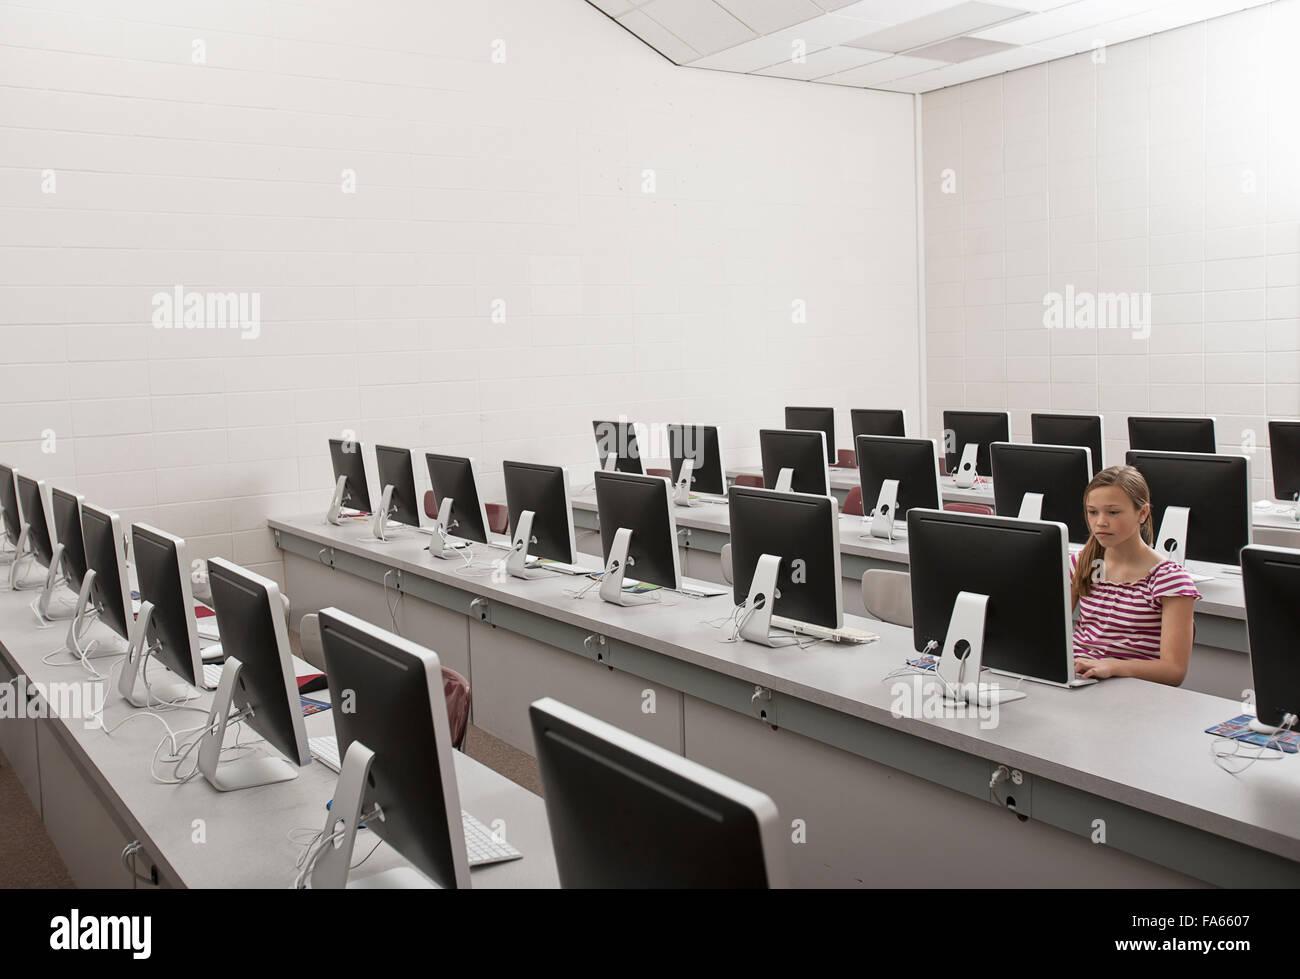 Una scuola camera, un laboratorio informatico con righe di schermi e posti a sedere. Una persona giovane seduto Immagini Stock